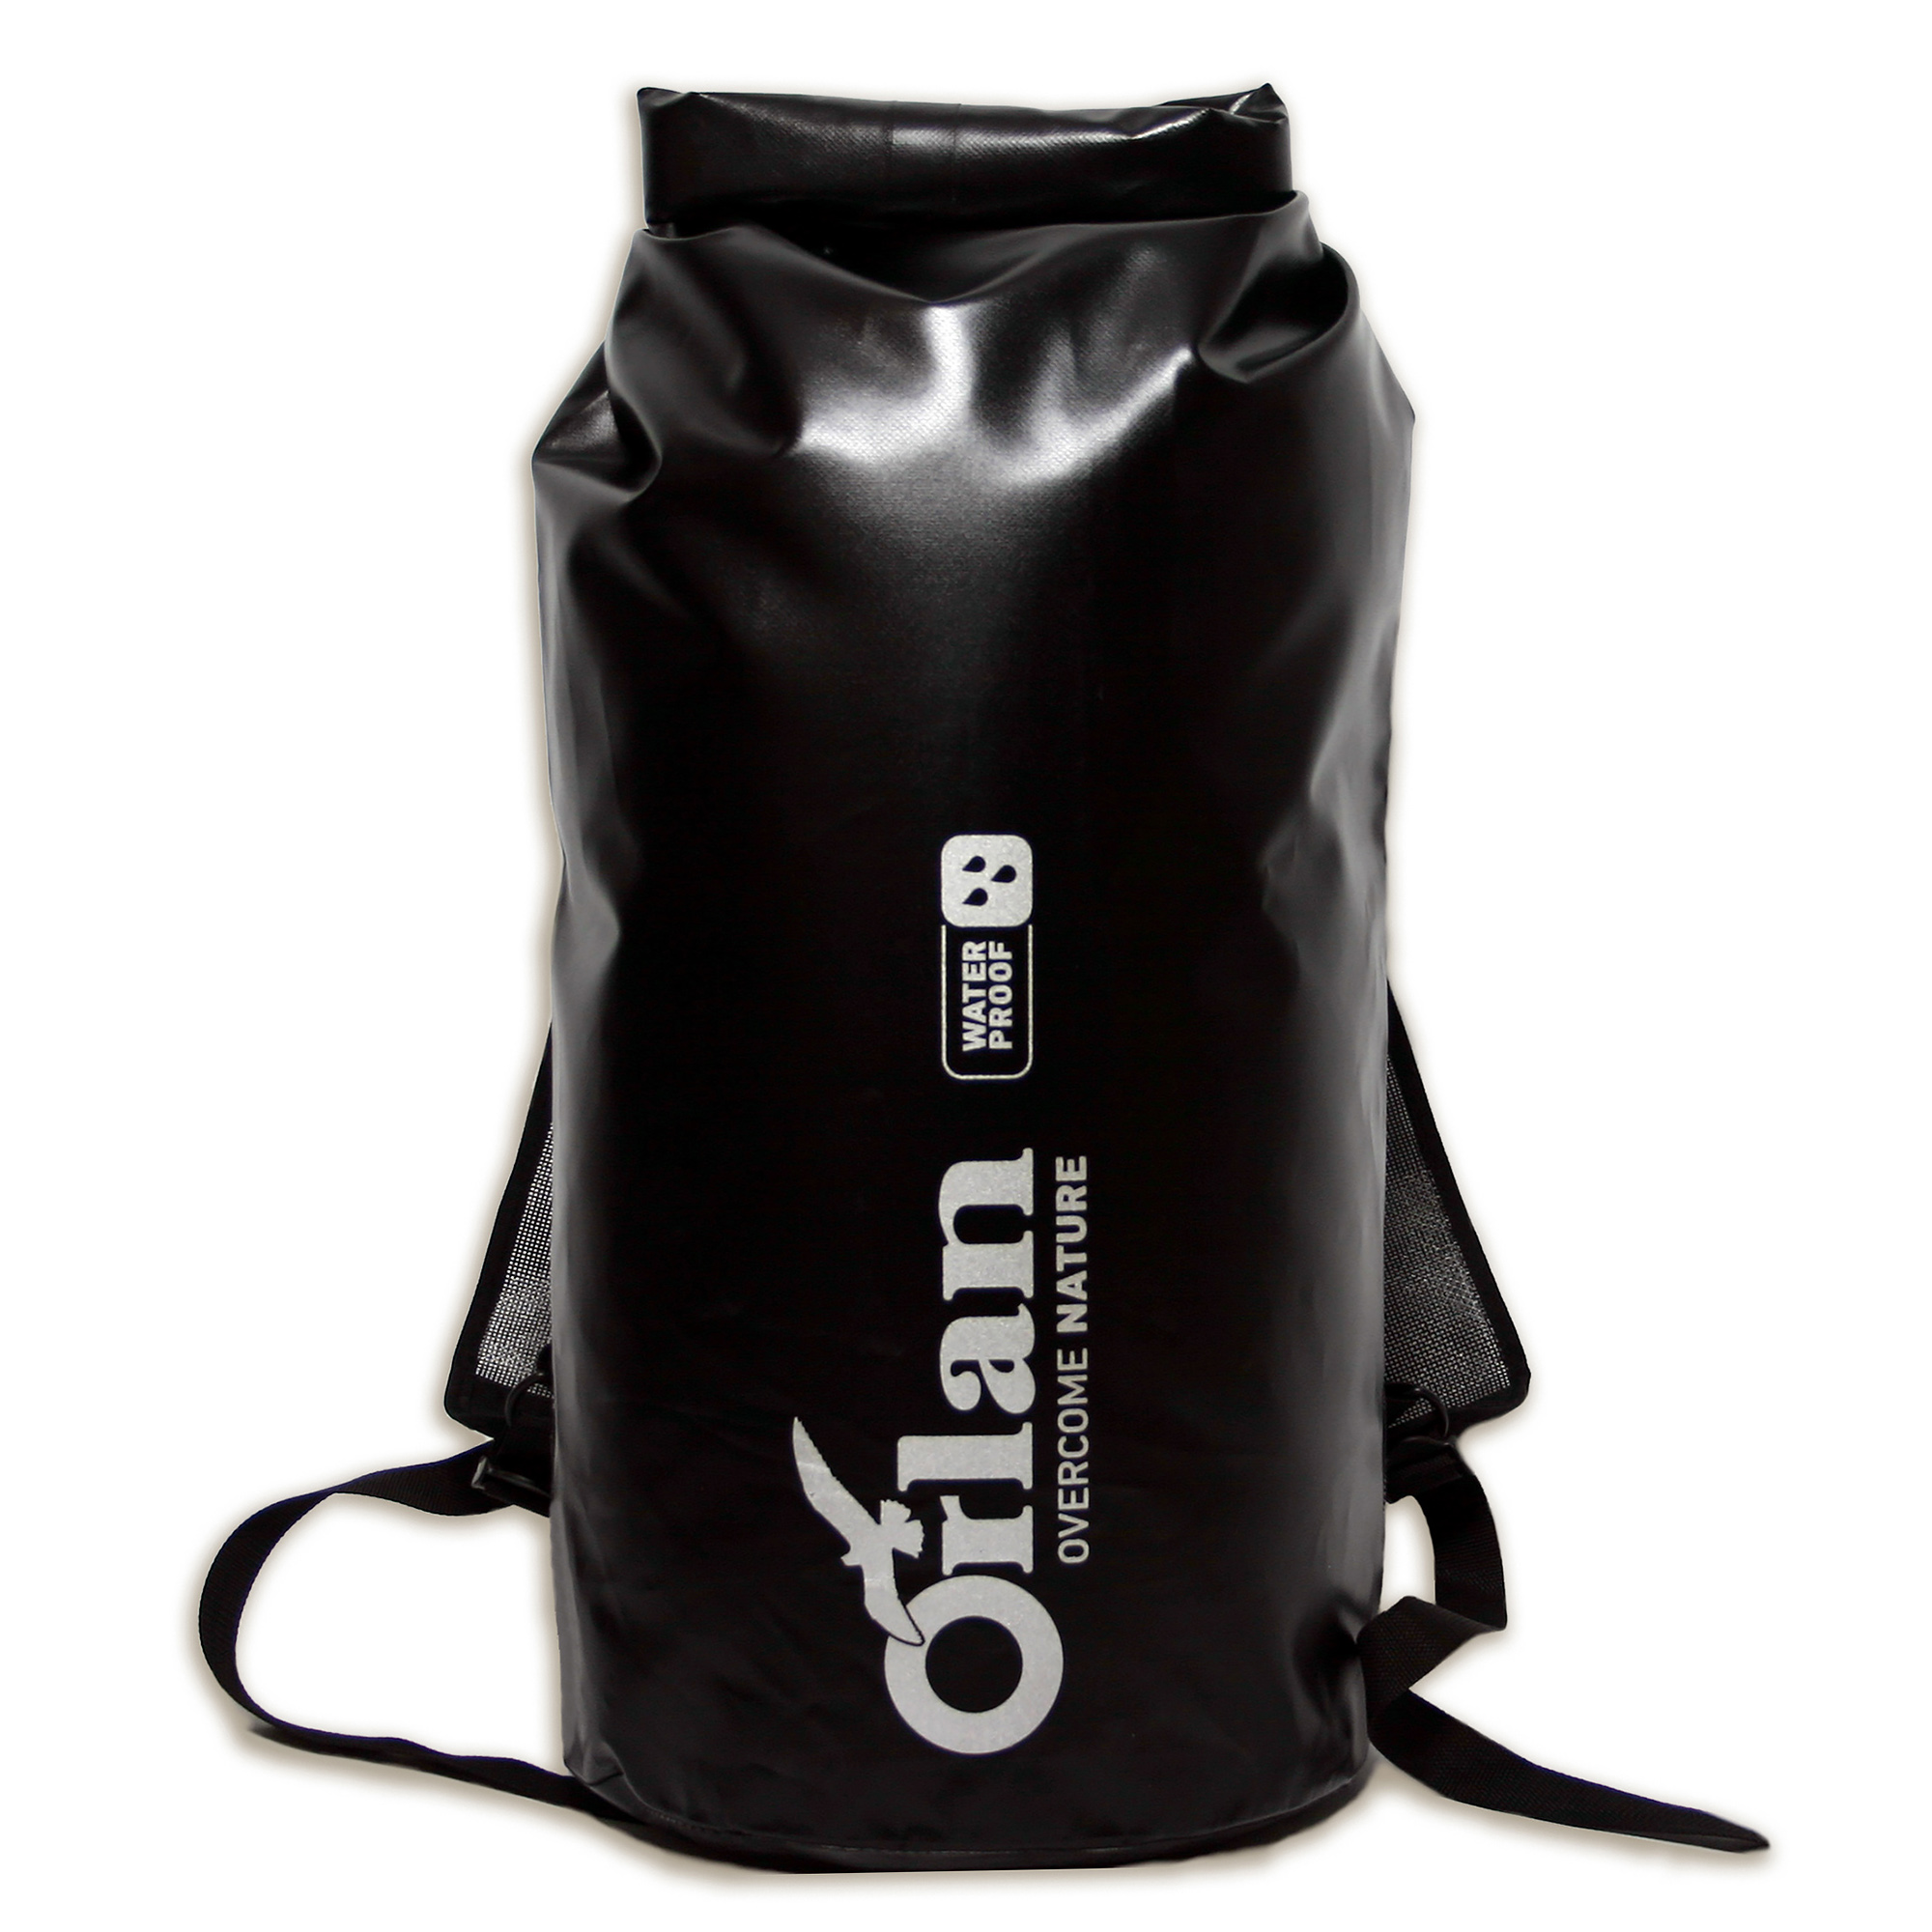 Гермомешок-рюкзак ORLAN DRY BAG Экстрим 100л, Влагозащитные и герморюкзаки - арт. 1120670282